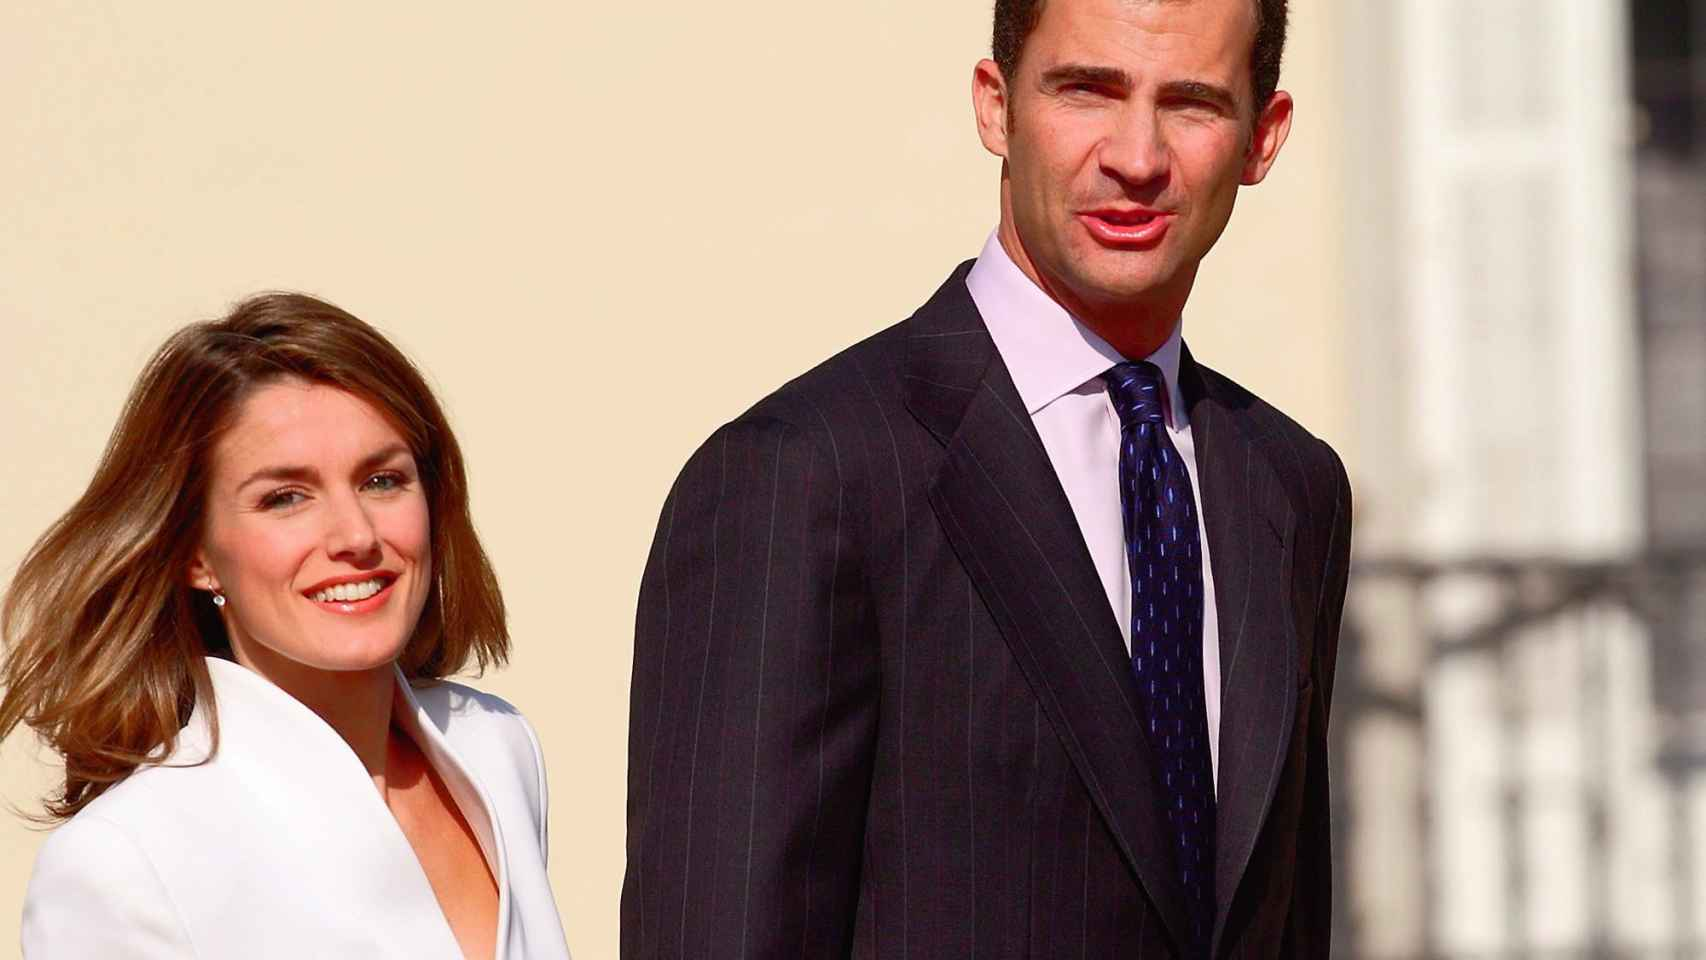 Felipe de Borbón y Letizia Ortiz durante la pedida de mano tras el anuncio de compromiso.